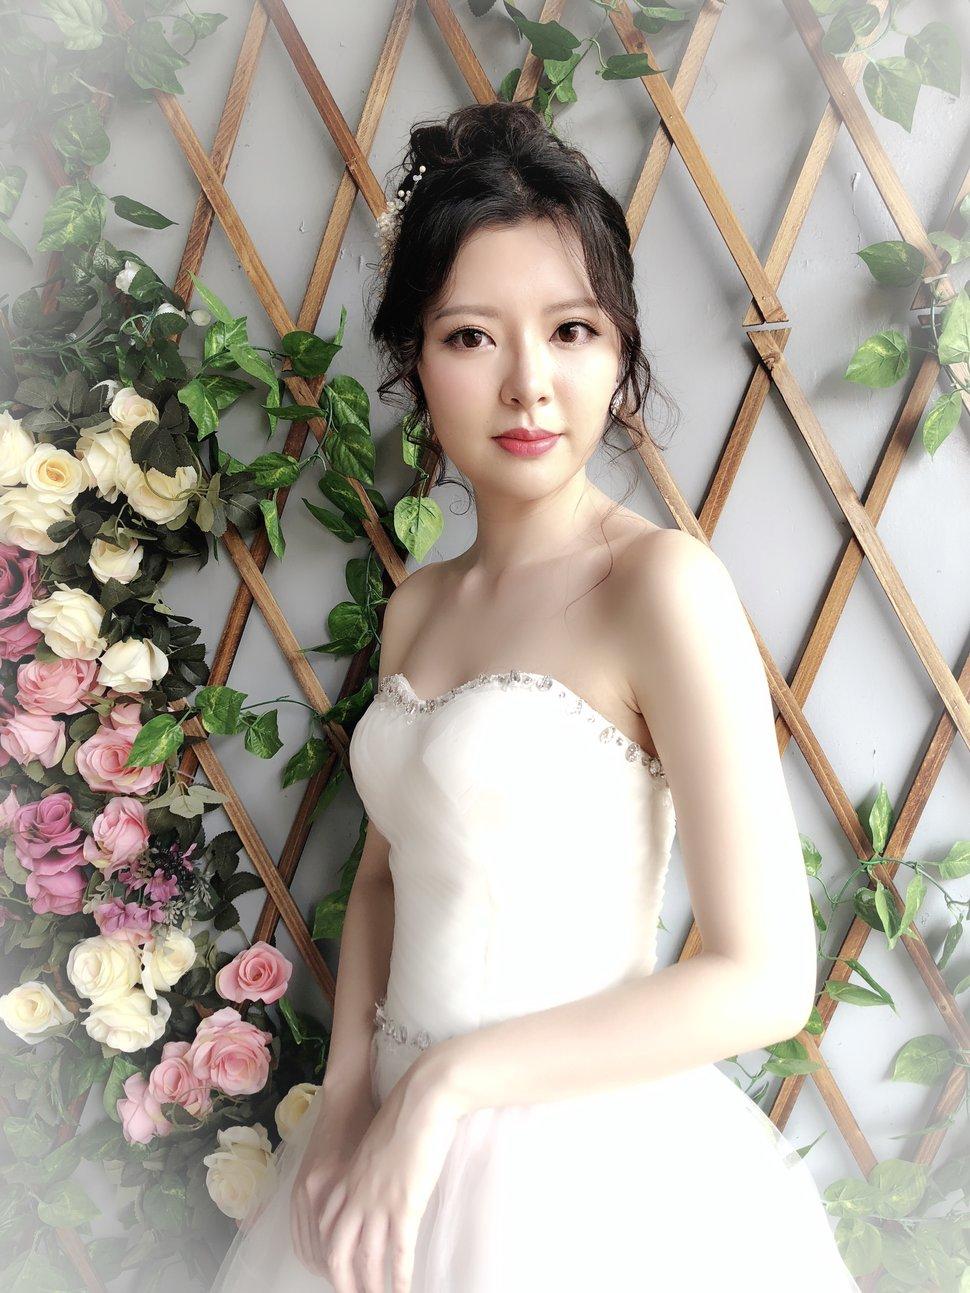 2419D6BC-E64F-4B2E-9399-B4BE3F3643F3 - YI MO 米米 makeup Stud《結婚吧》